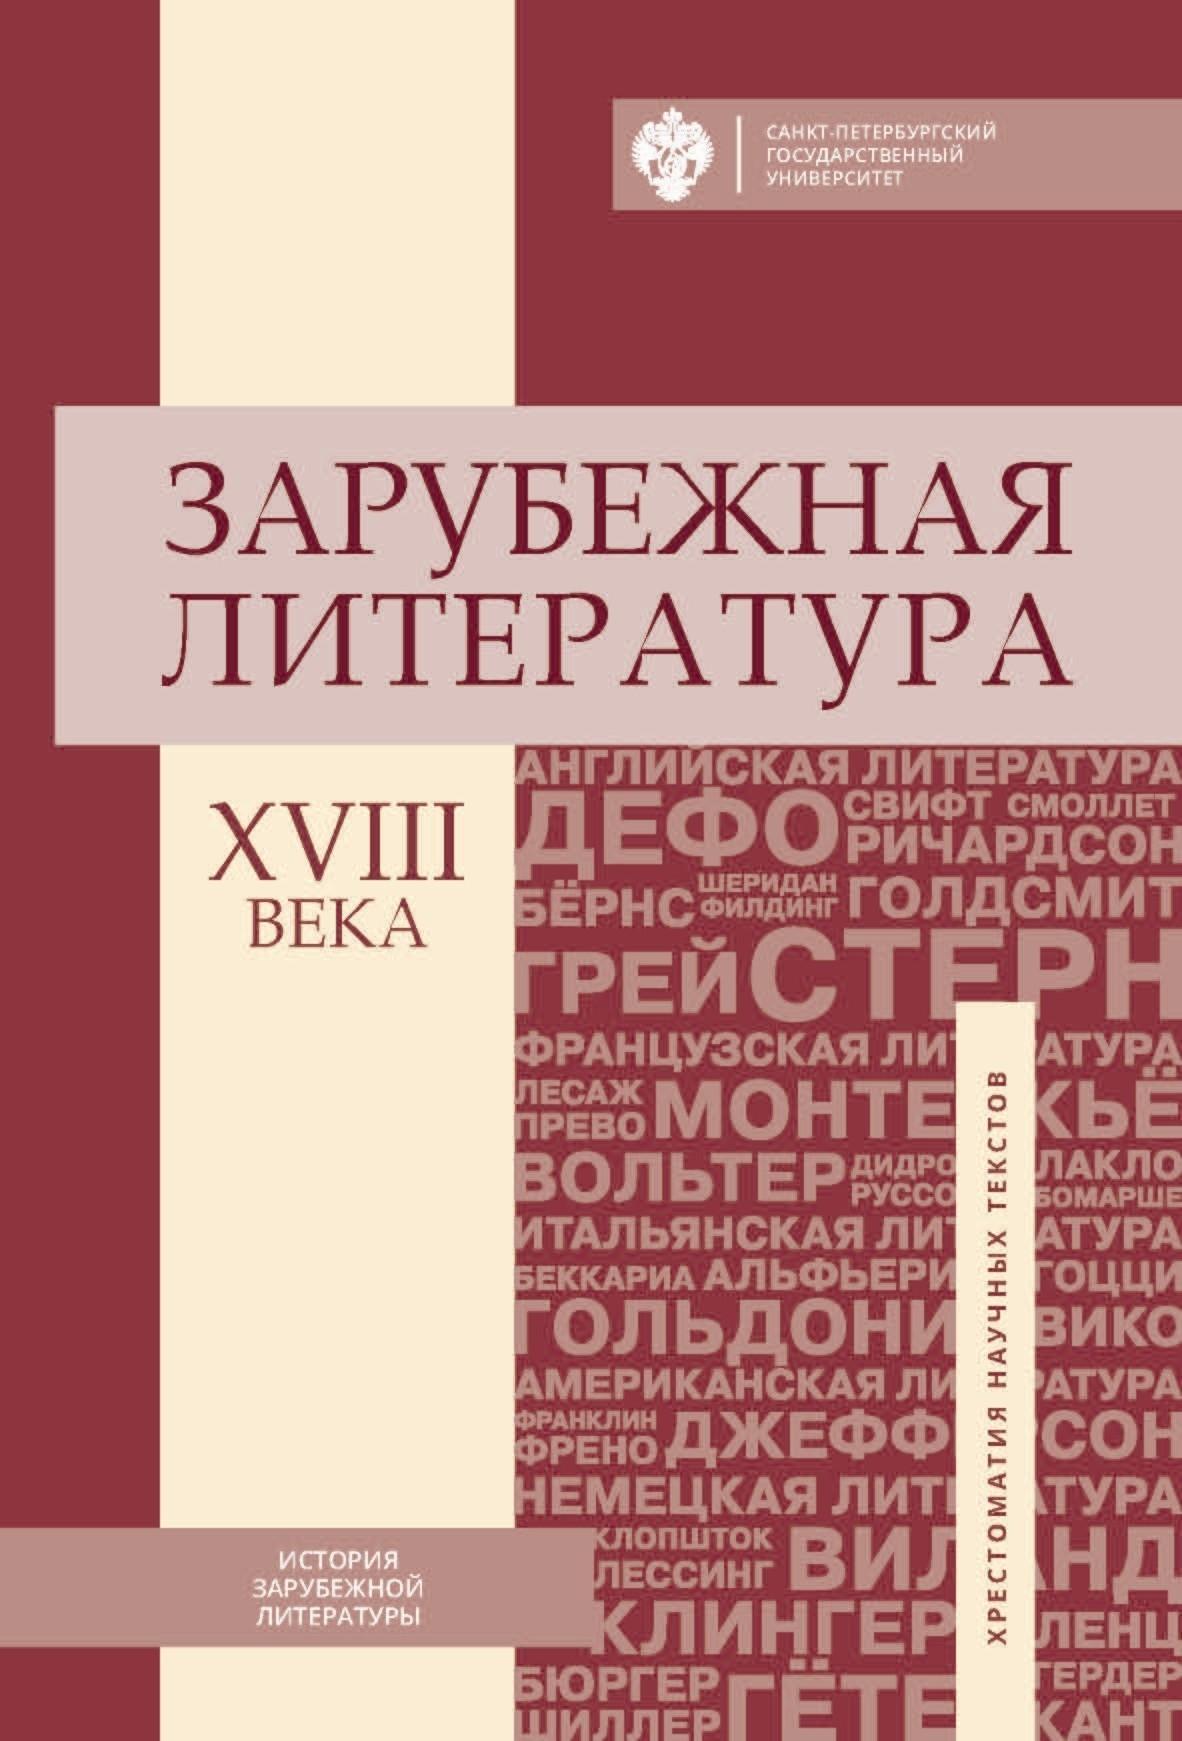 Коллектив авторов - Зарубежная литература XVIII века. Хрестоматия научных текстов